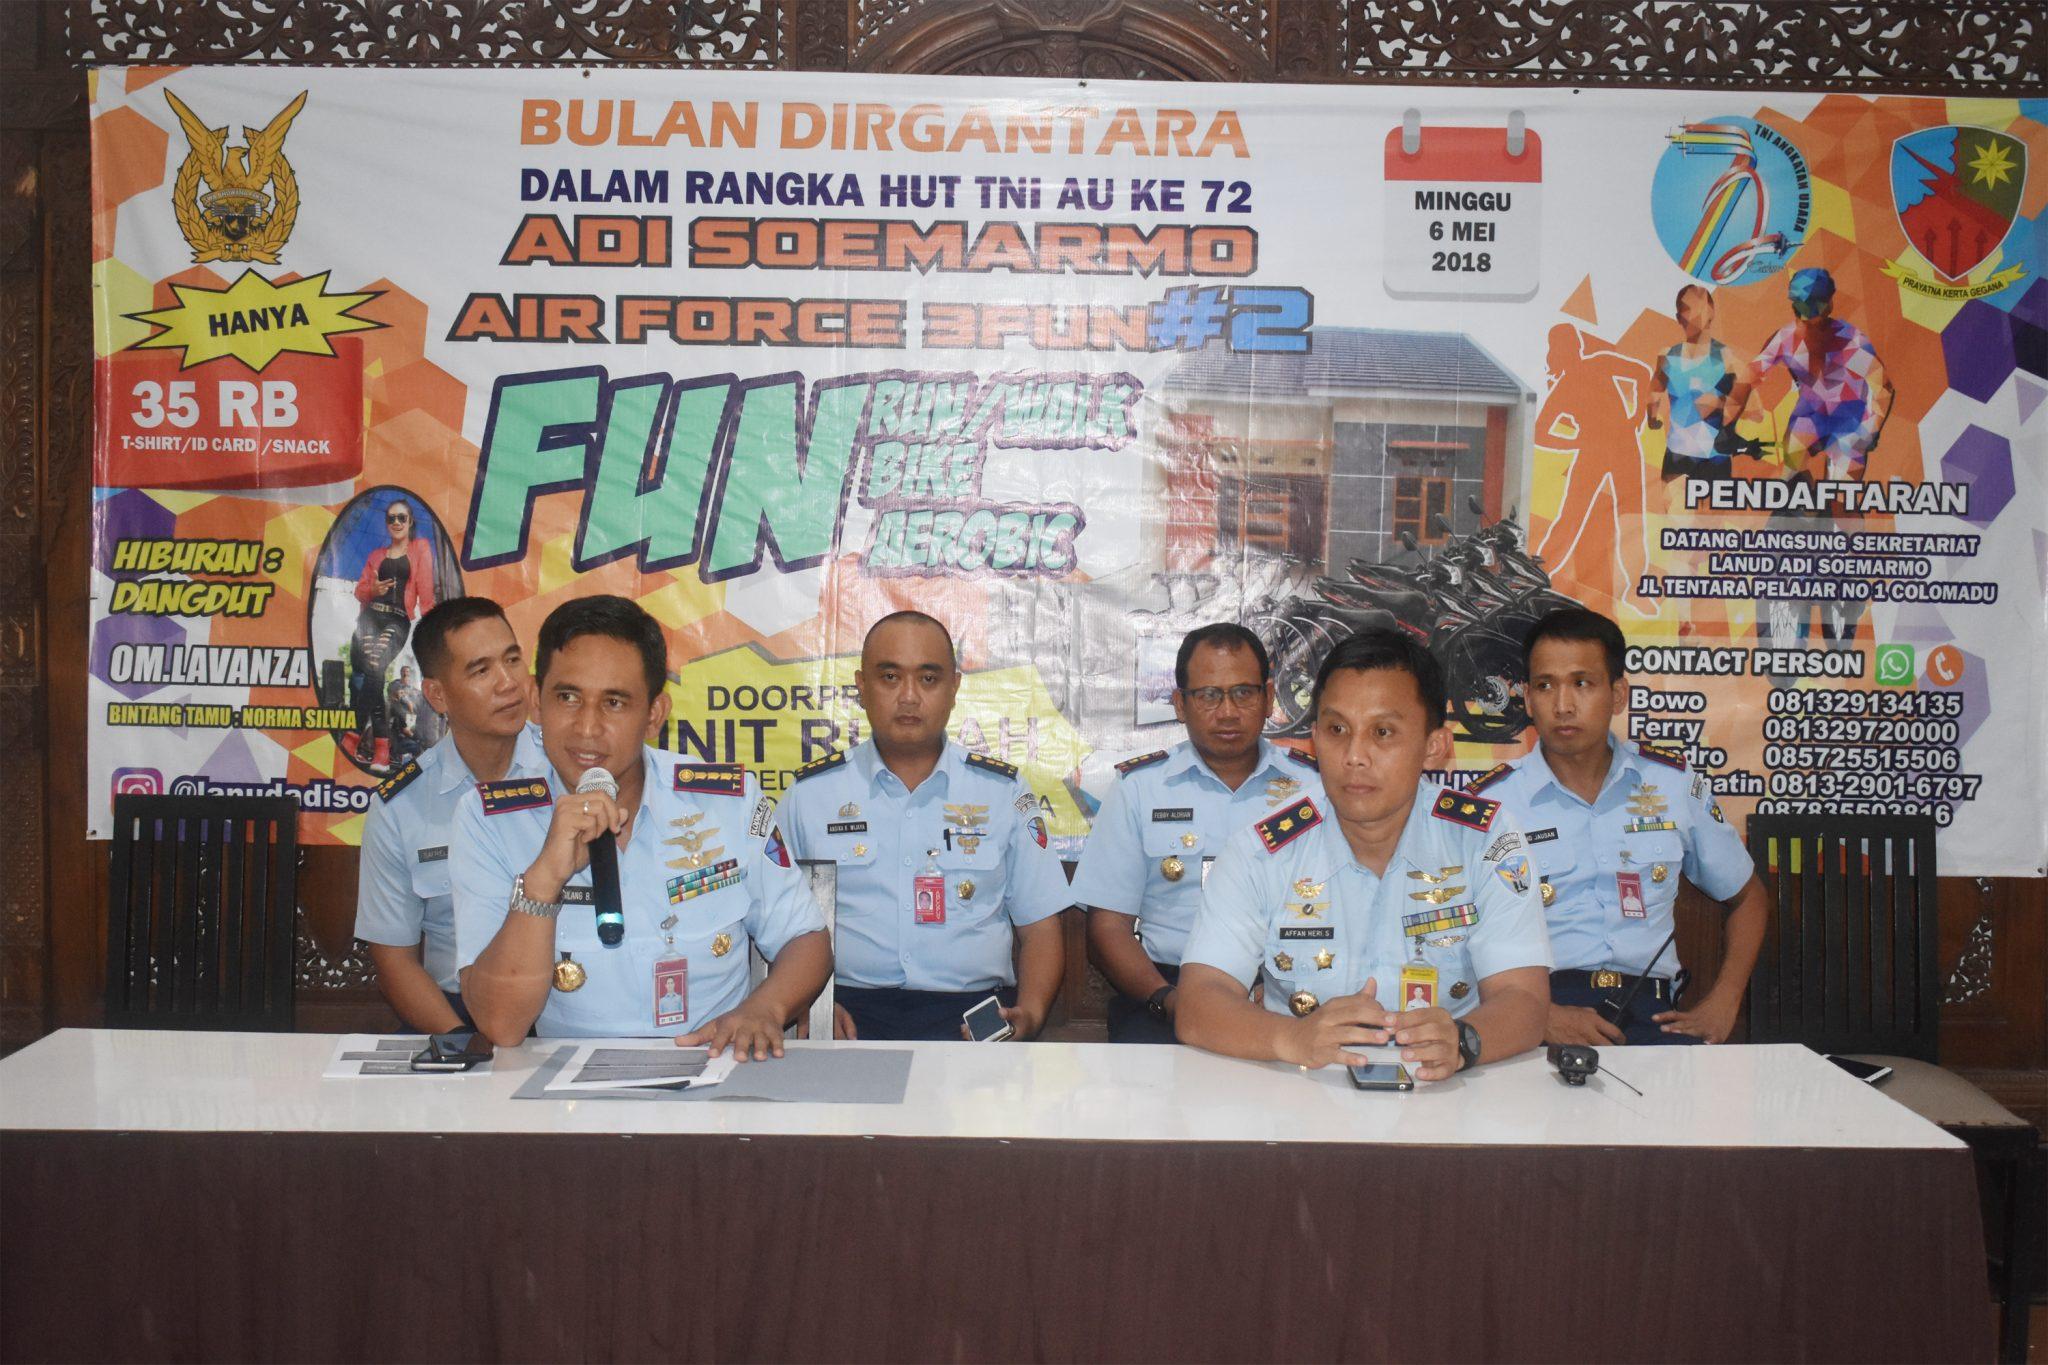 Peringati Ke-72 Hut TNI AU, Lanud Adi Soemarmo Gelar Air Force 3 Fun